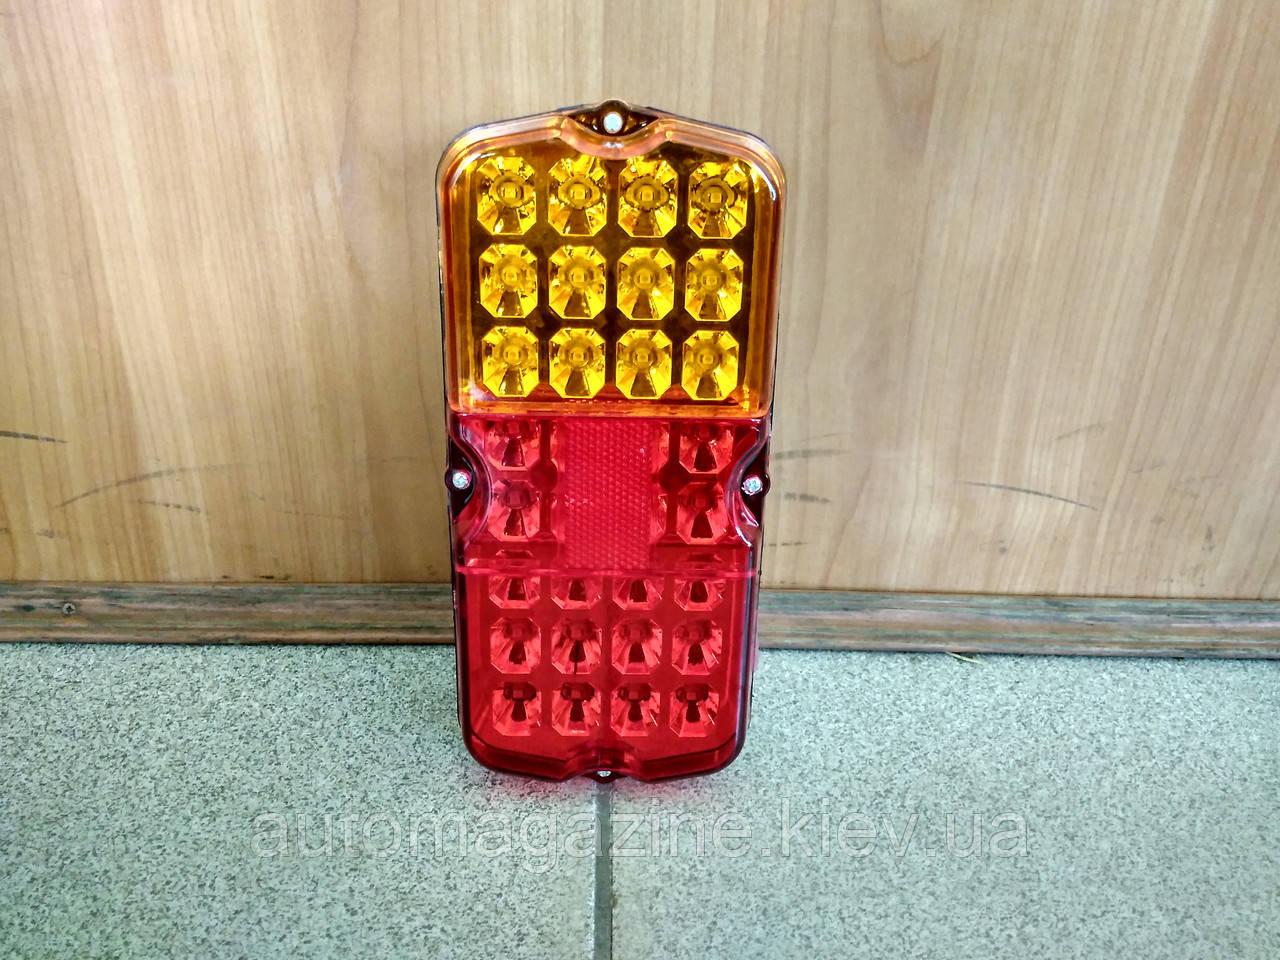 Фонарь задний УАЗ (светодиодный)